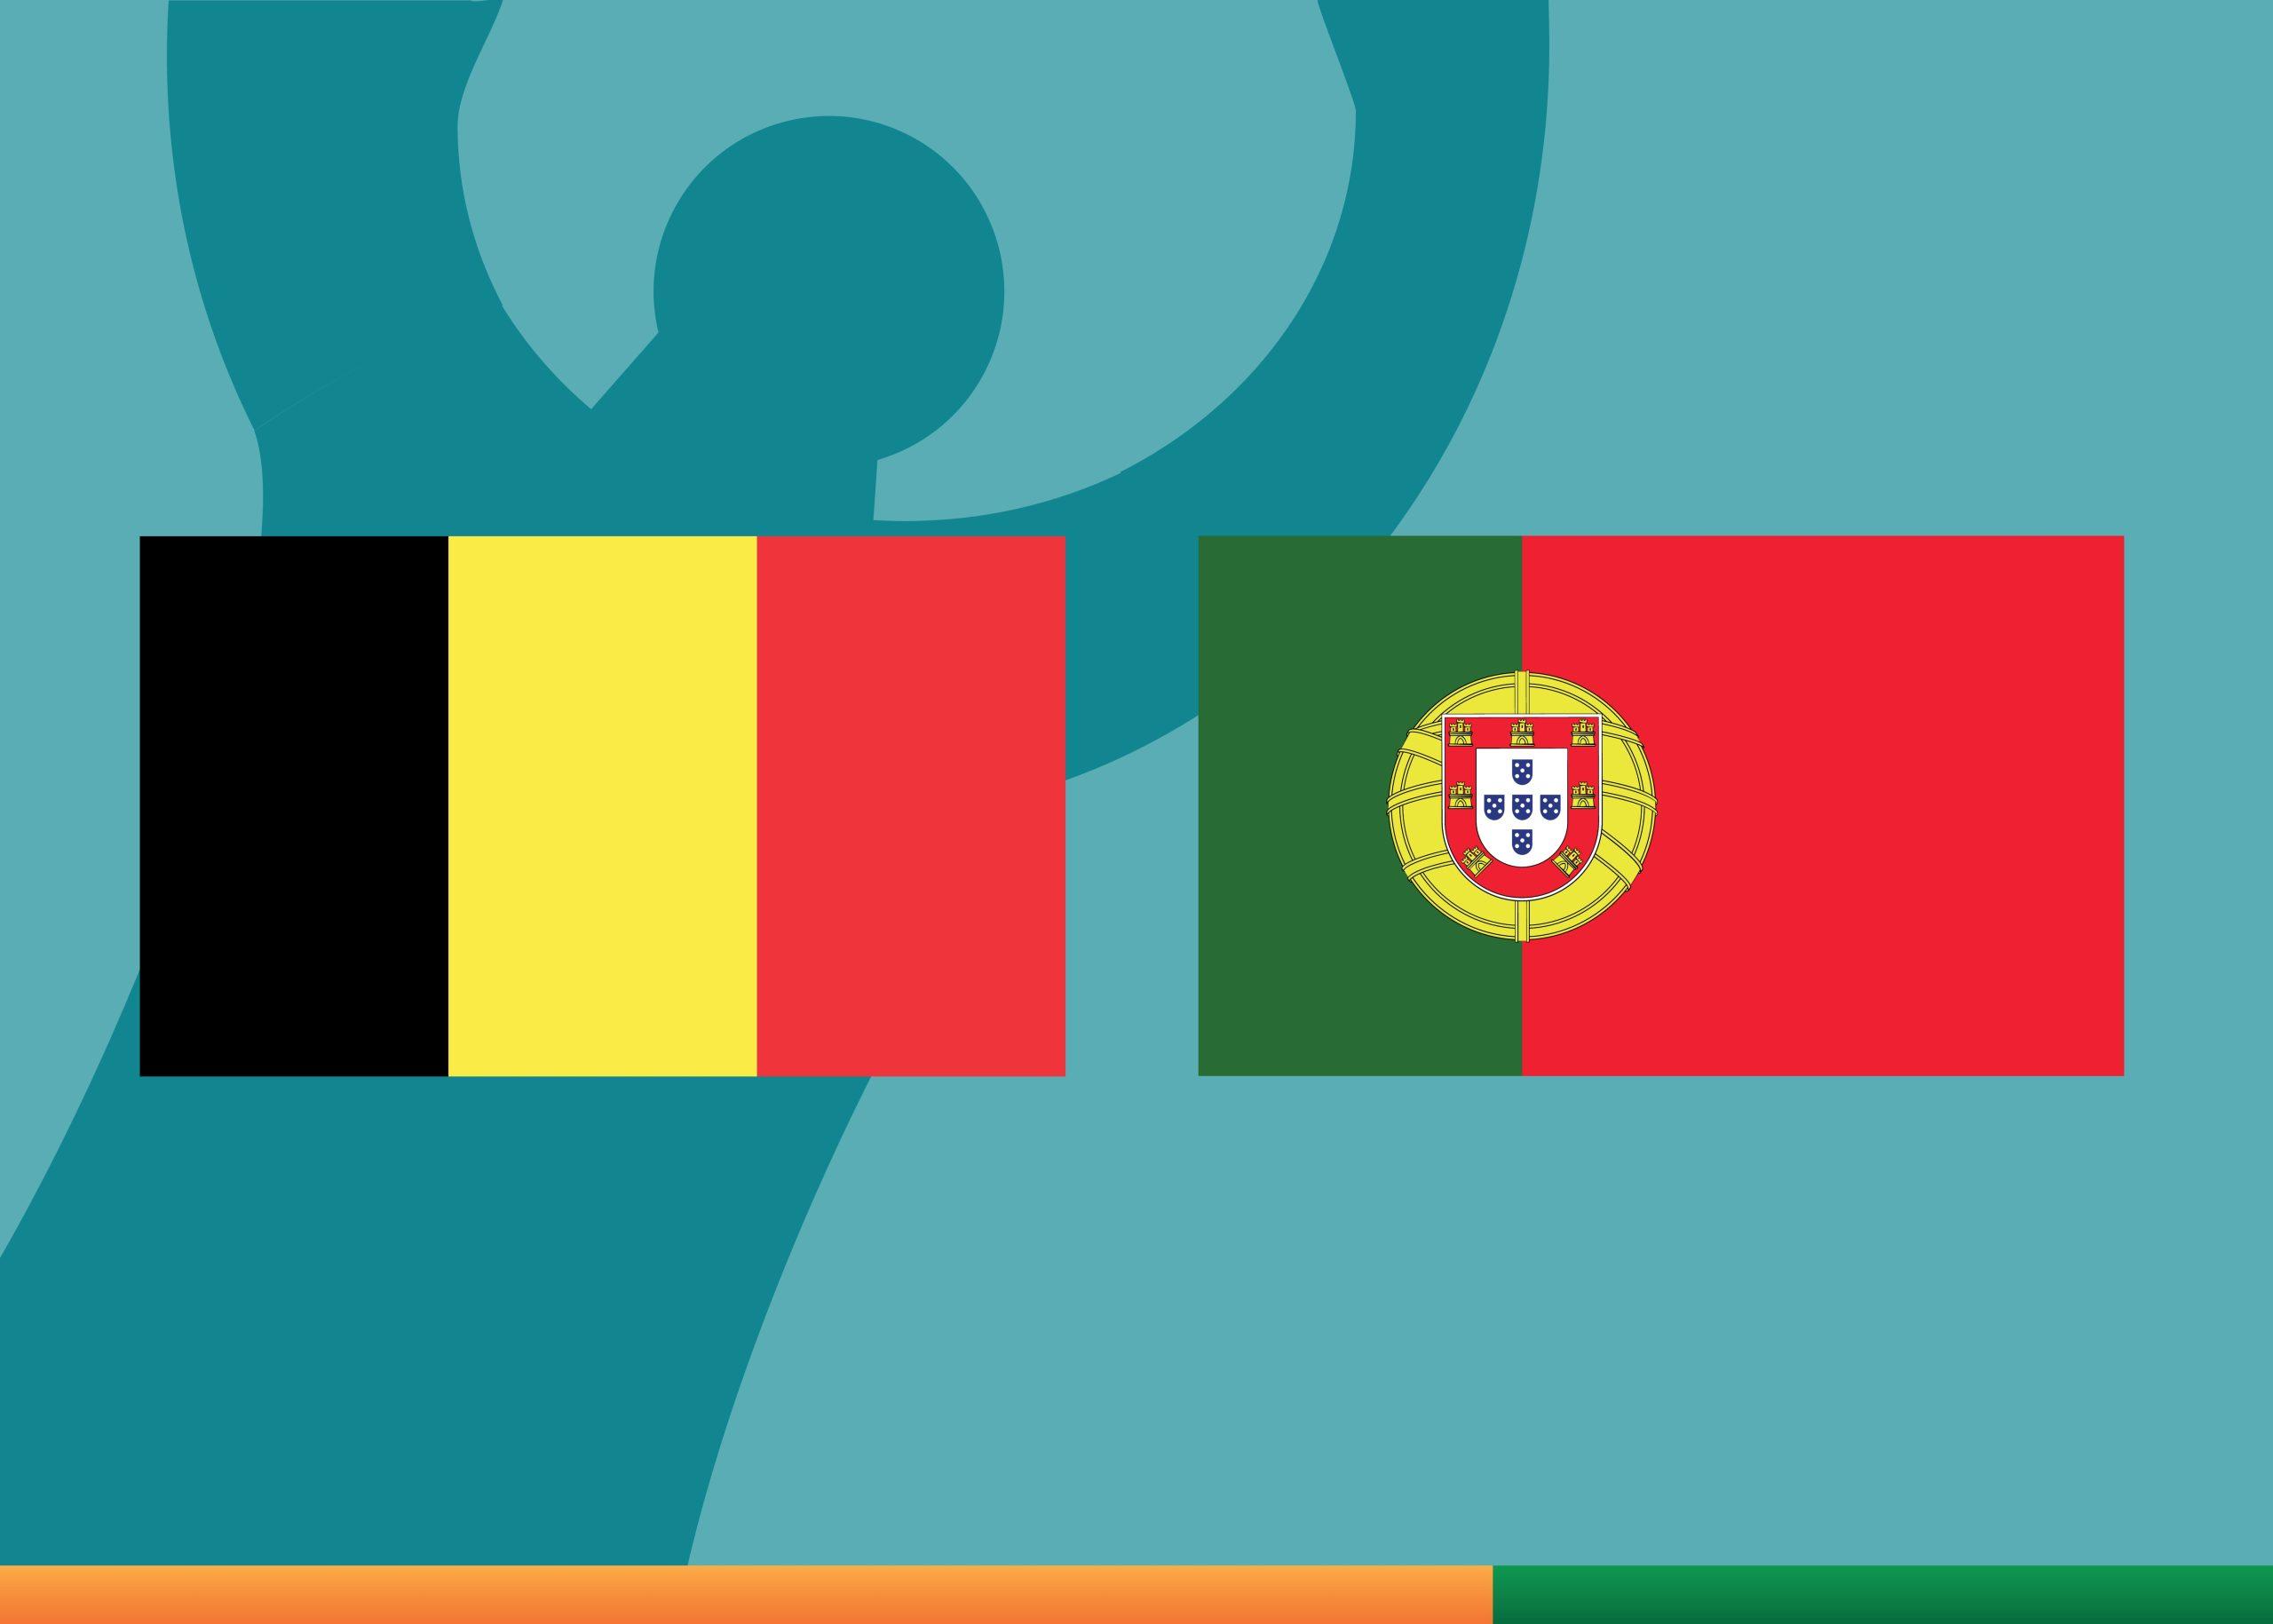 Belgium vs Portugal Euro 2020